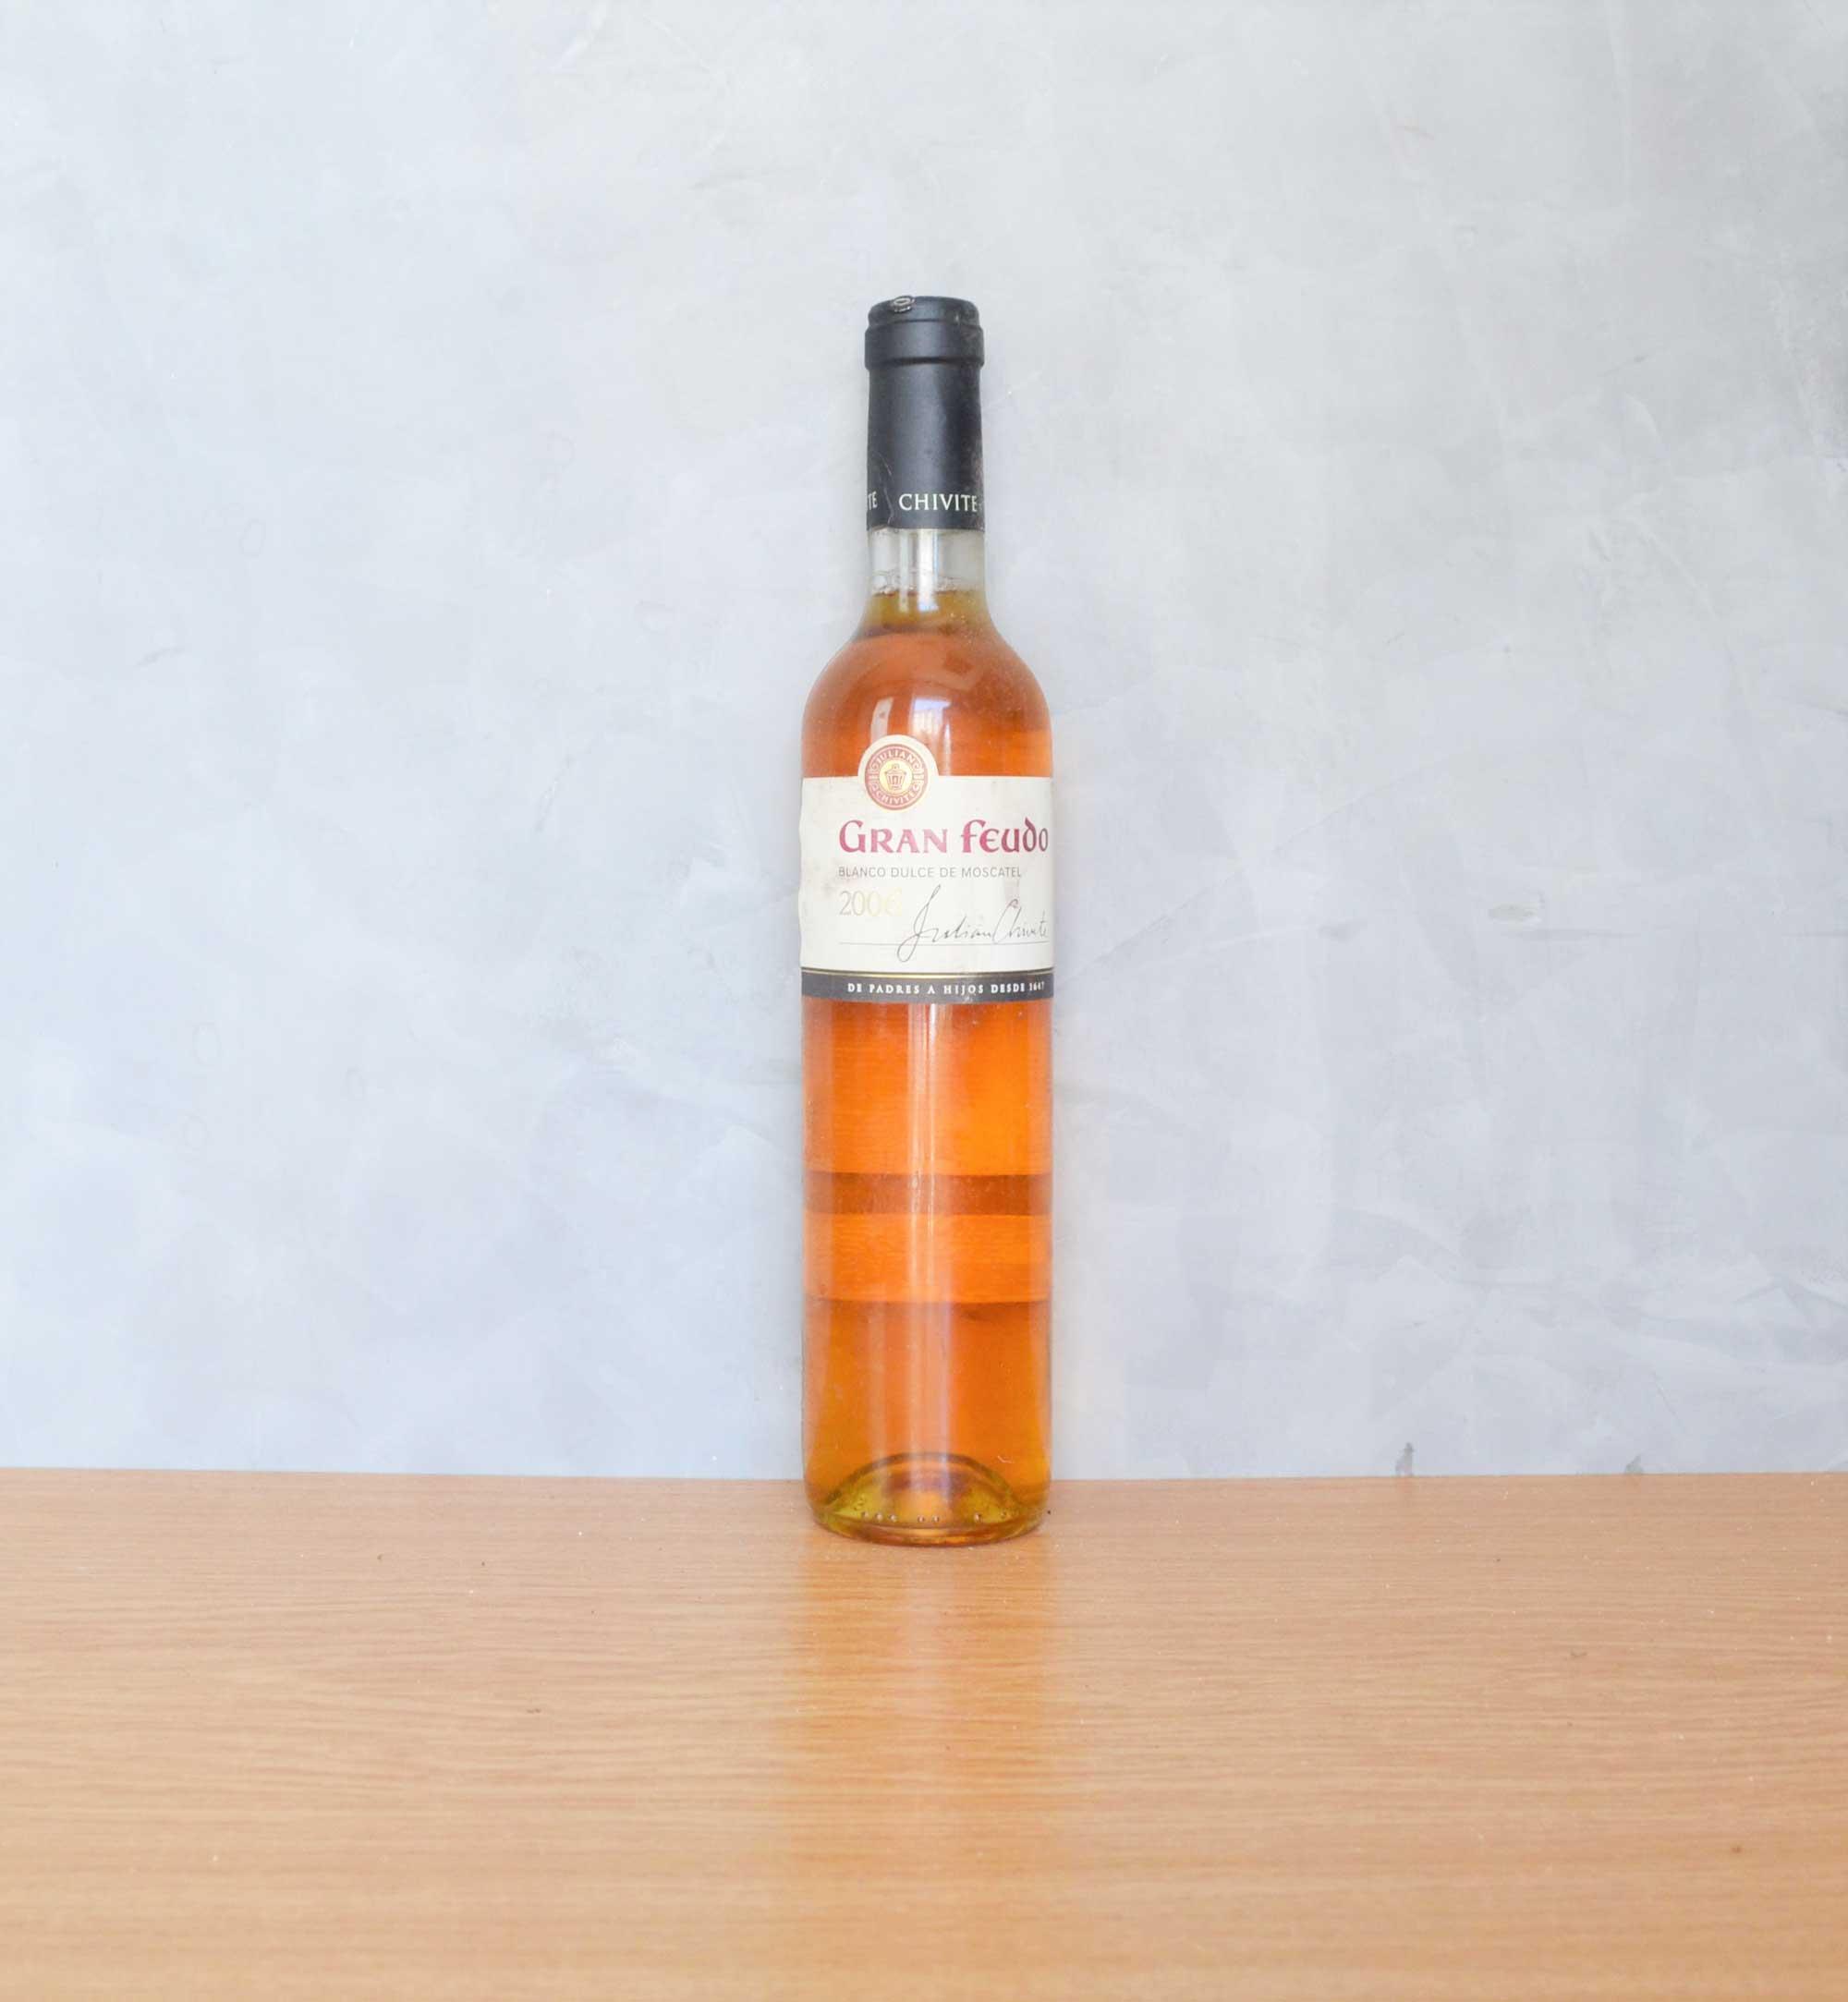 gran feudo muscatel white wine 2008